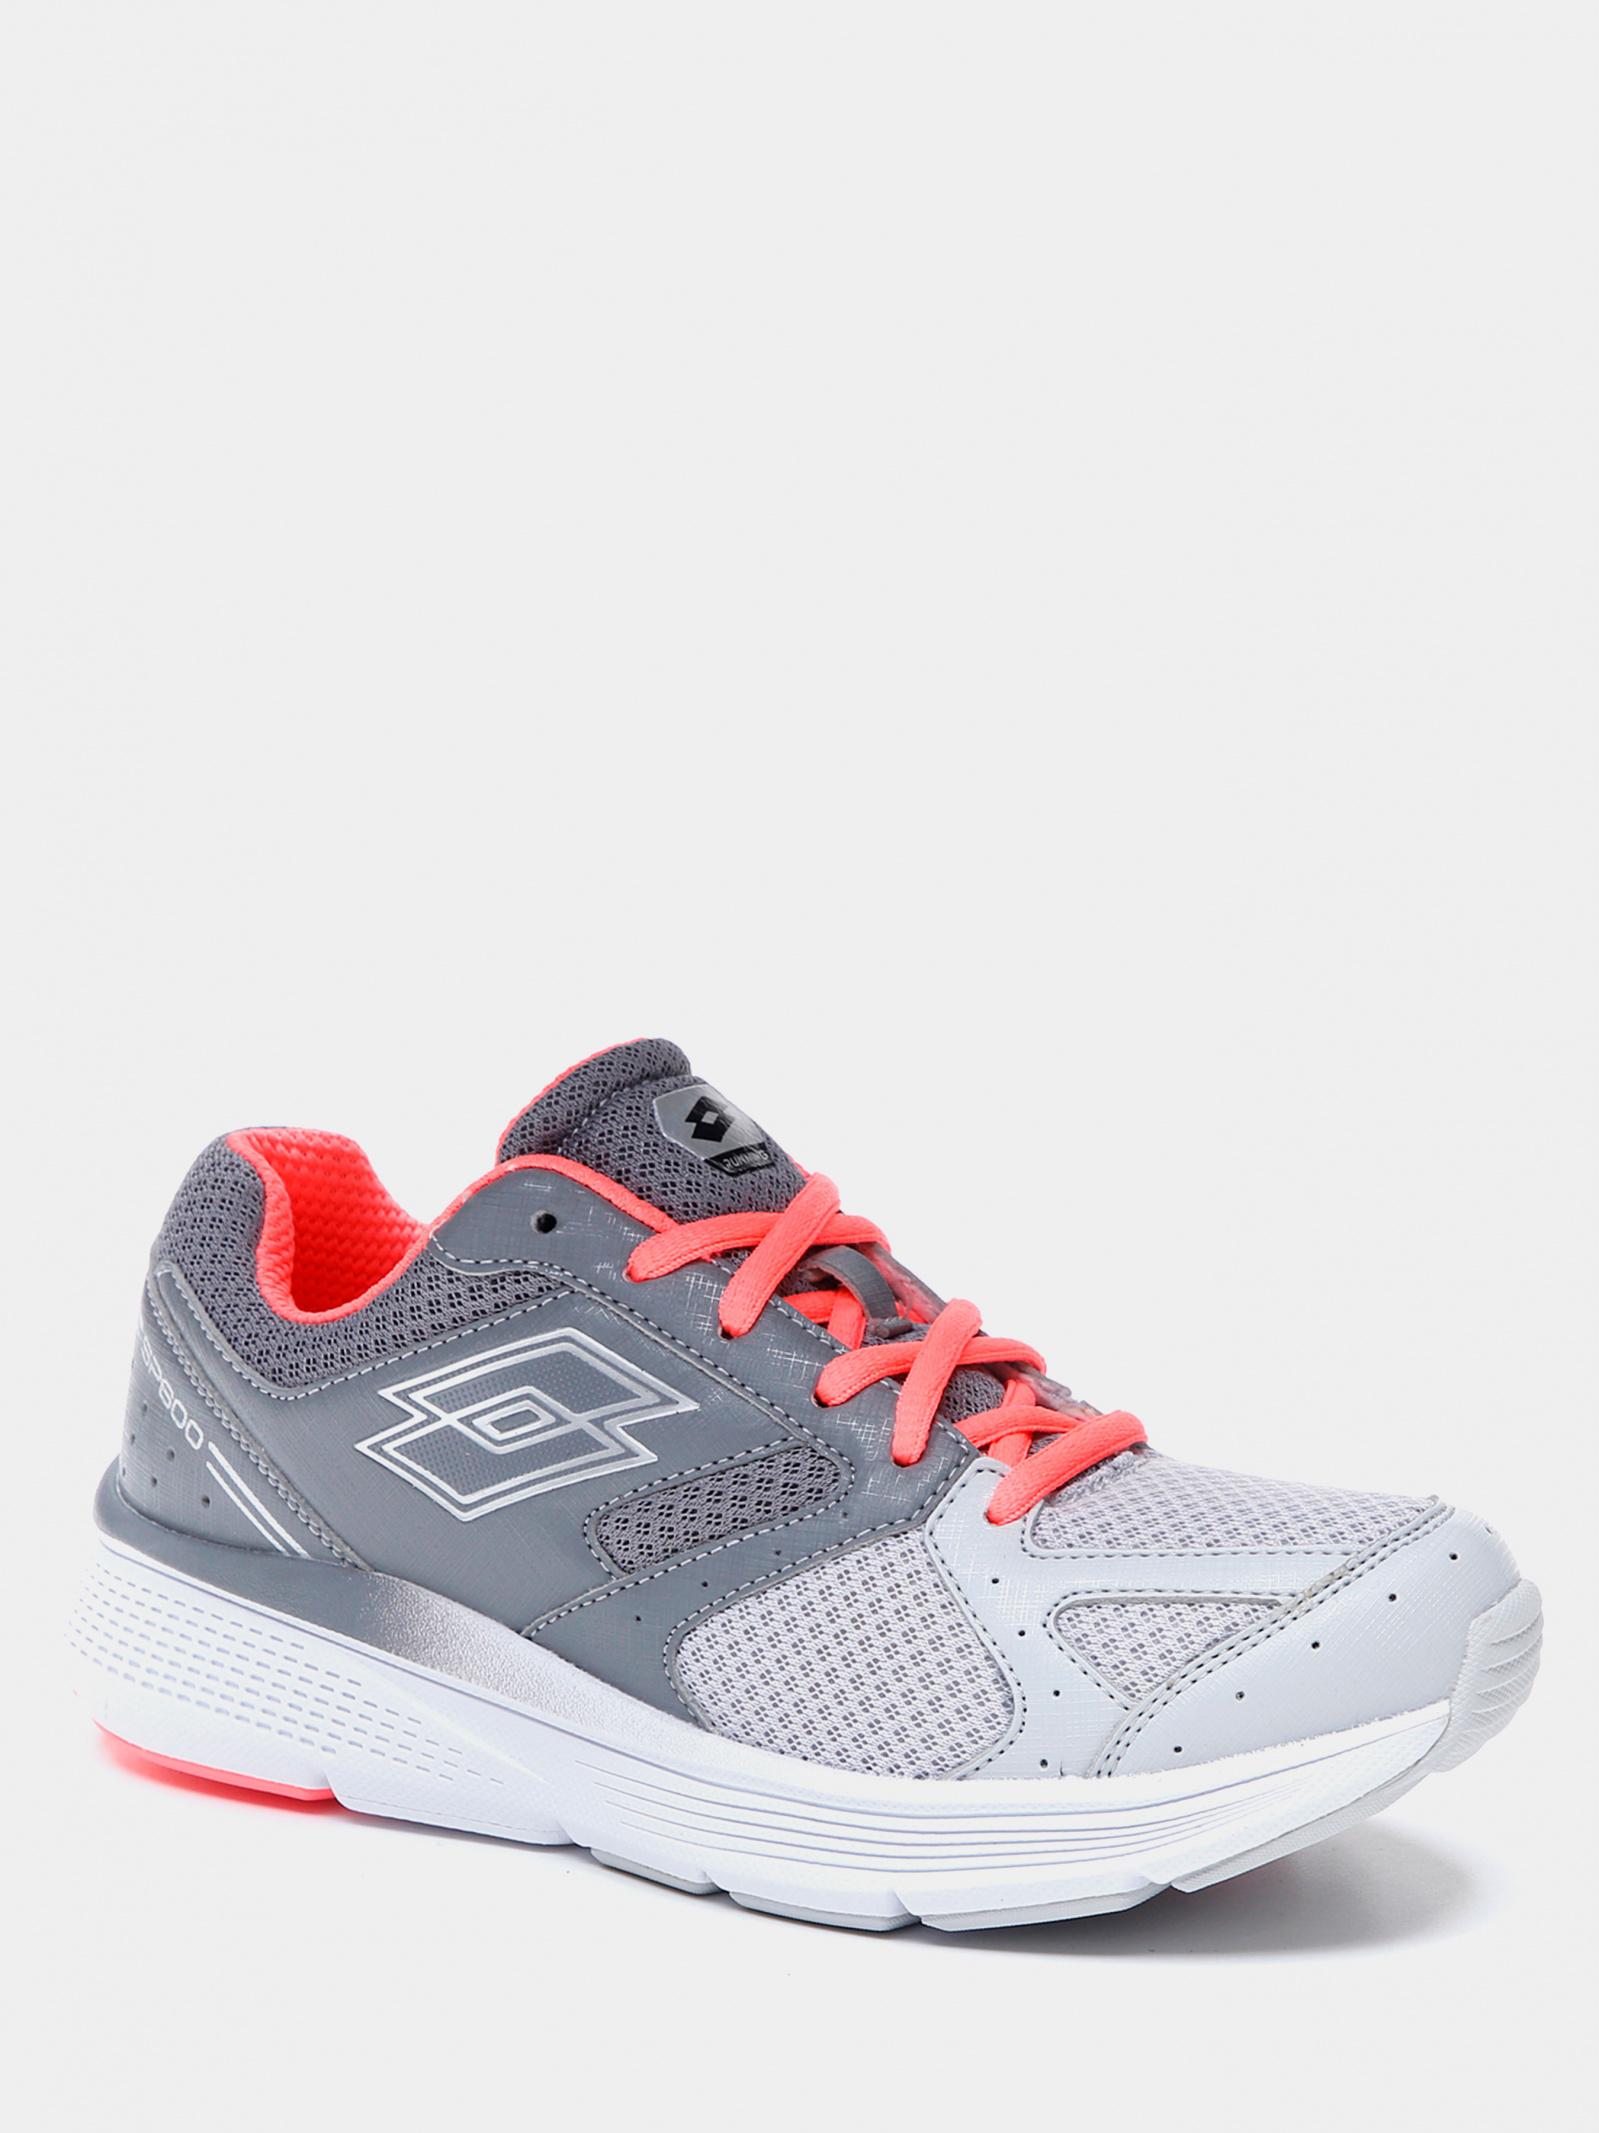 Кросівки  для жінок SPEEDRIDE 600 VII W 213592_23L фото, купити, 2017